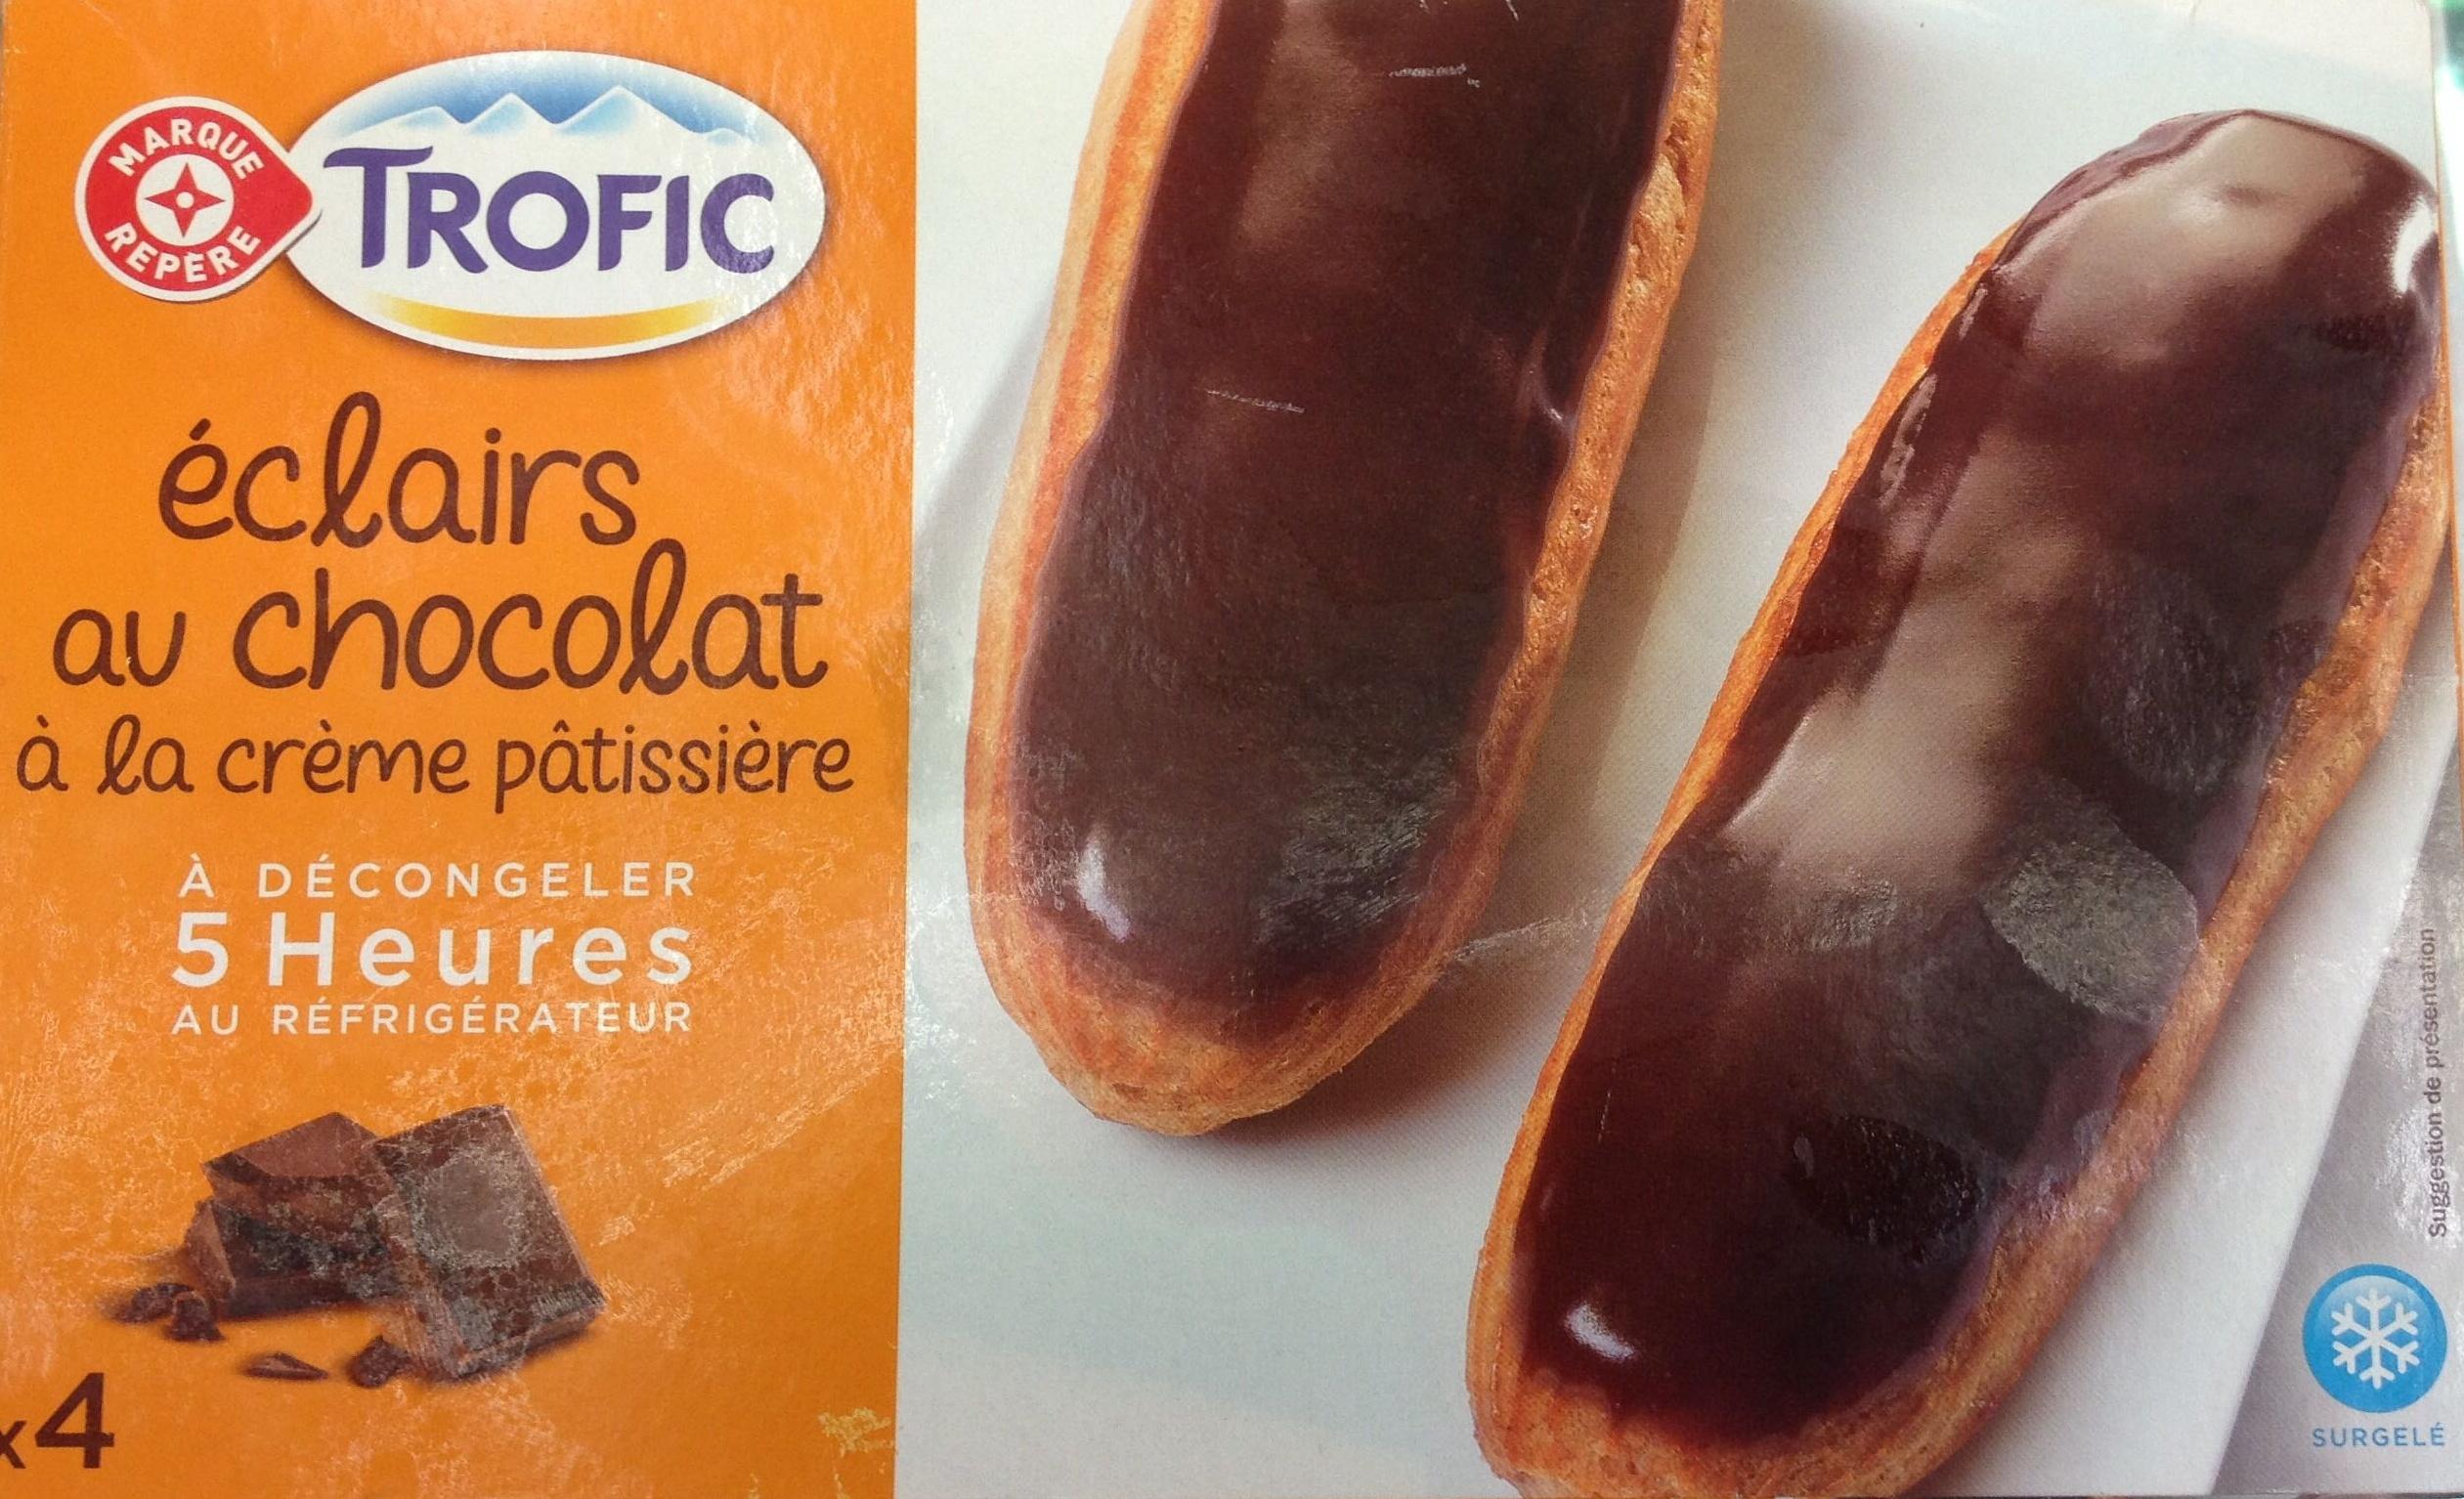 Trofic - éclairs au chocolat à la crème pâtissière - Produit - fr